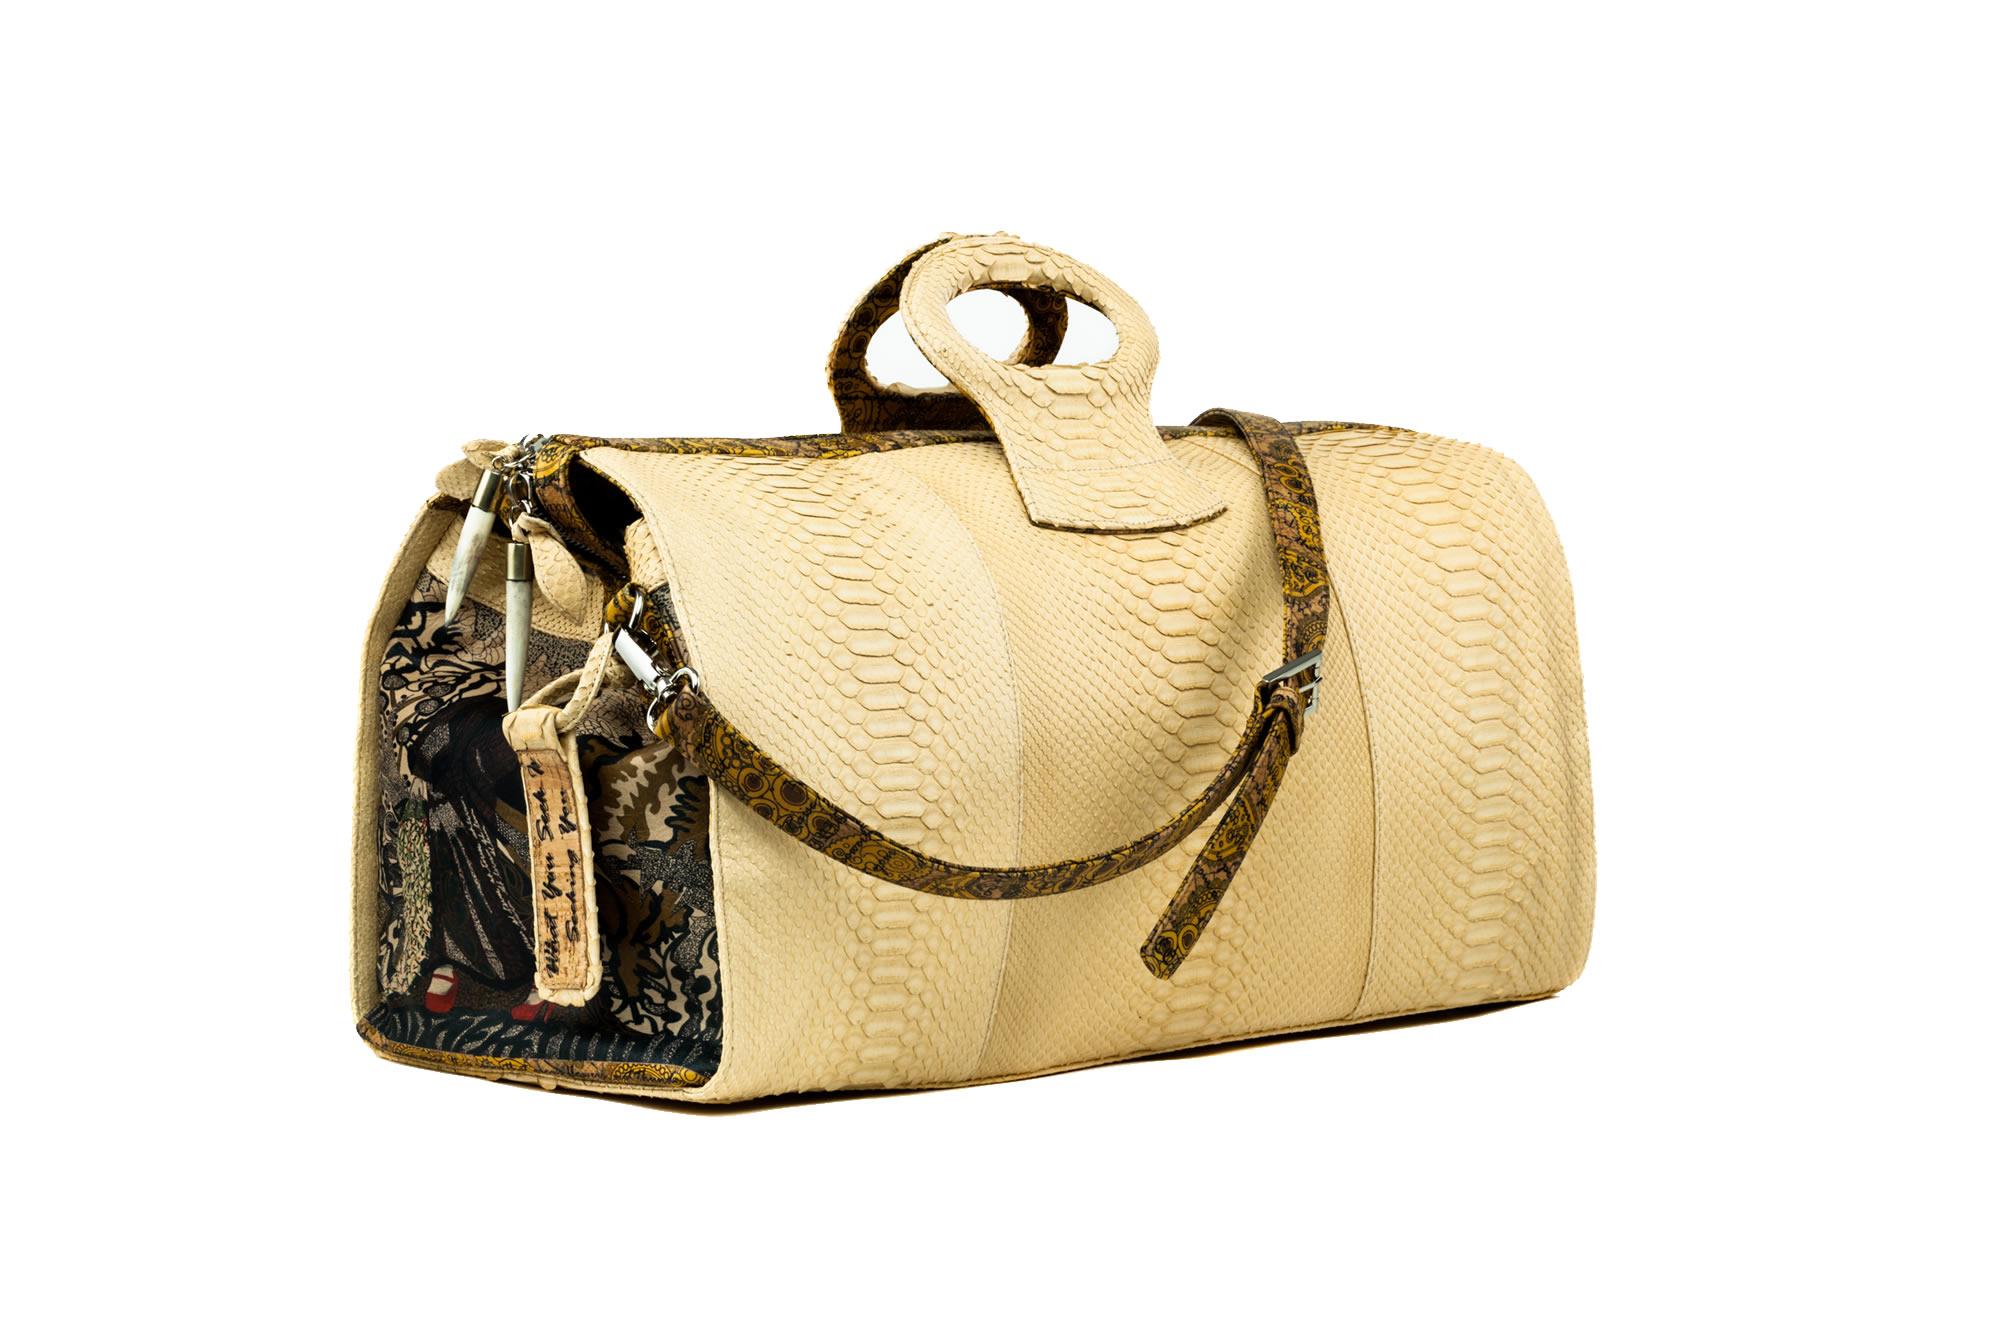 duffel-lady-duffel-ganesh-python hand bag